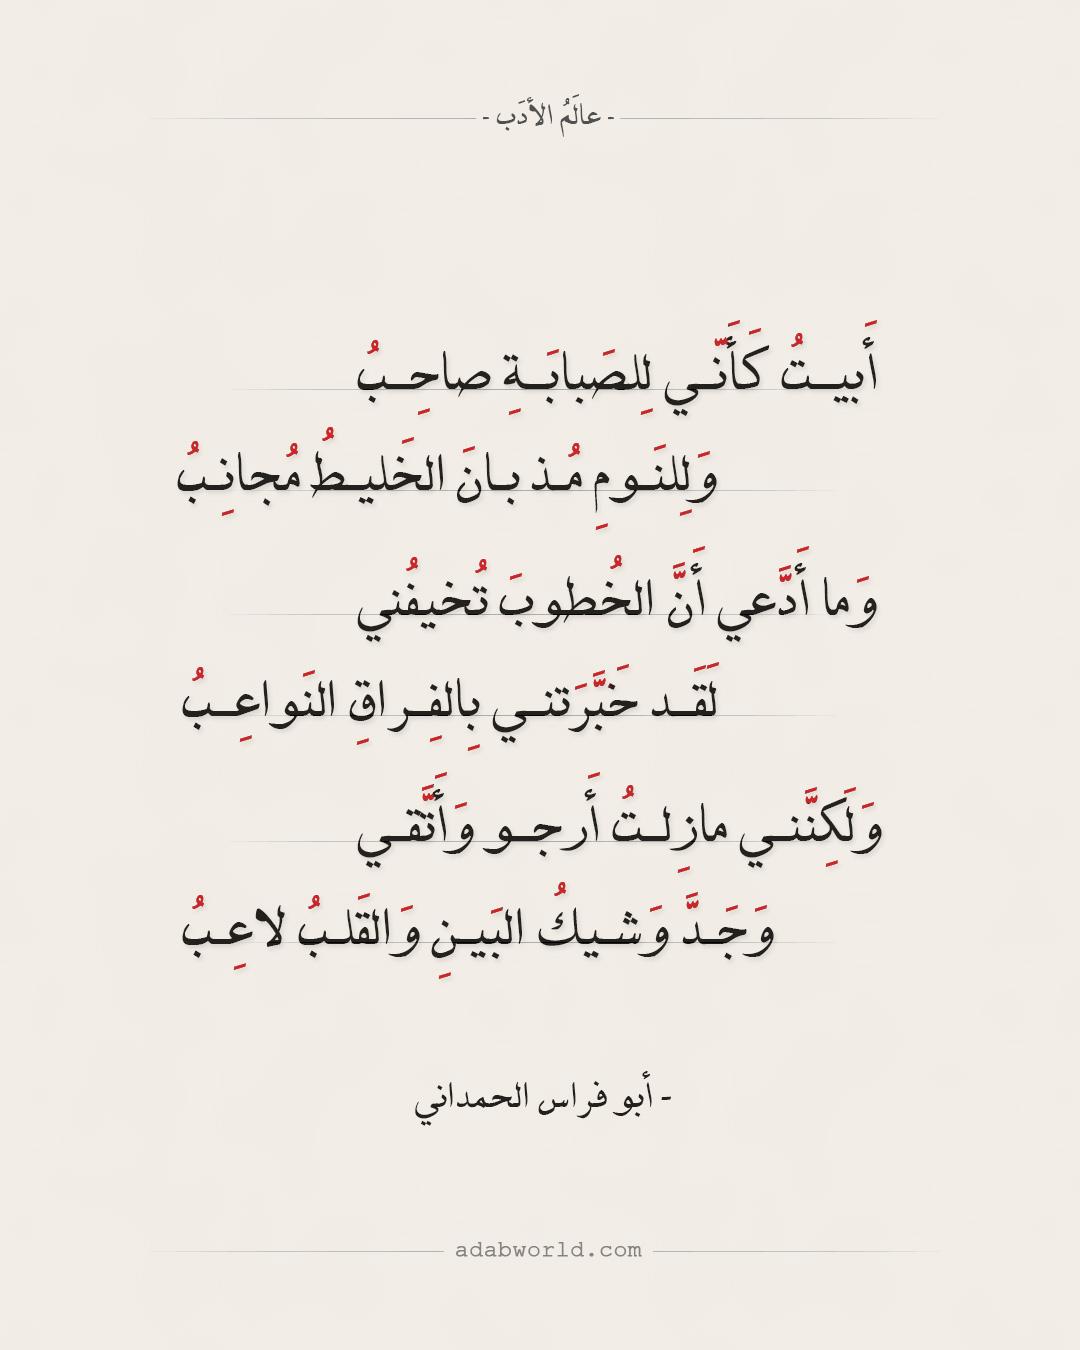 أبيت كأني للصبابة صاحب من اجمل اشعار أبو فراس الحمداني